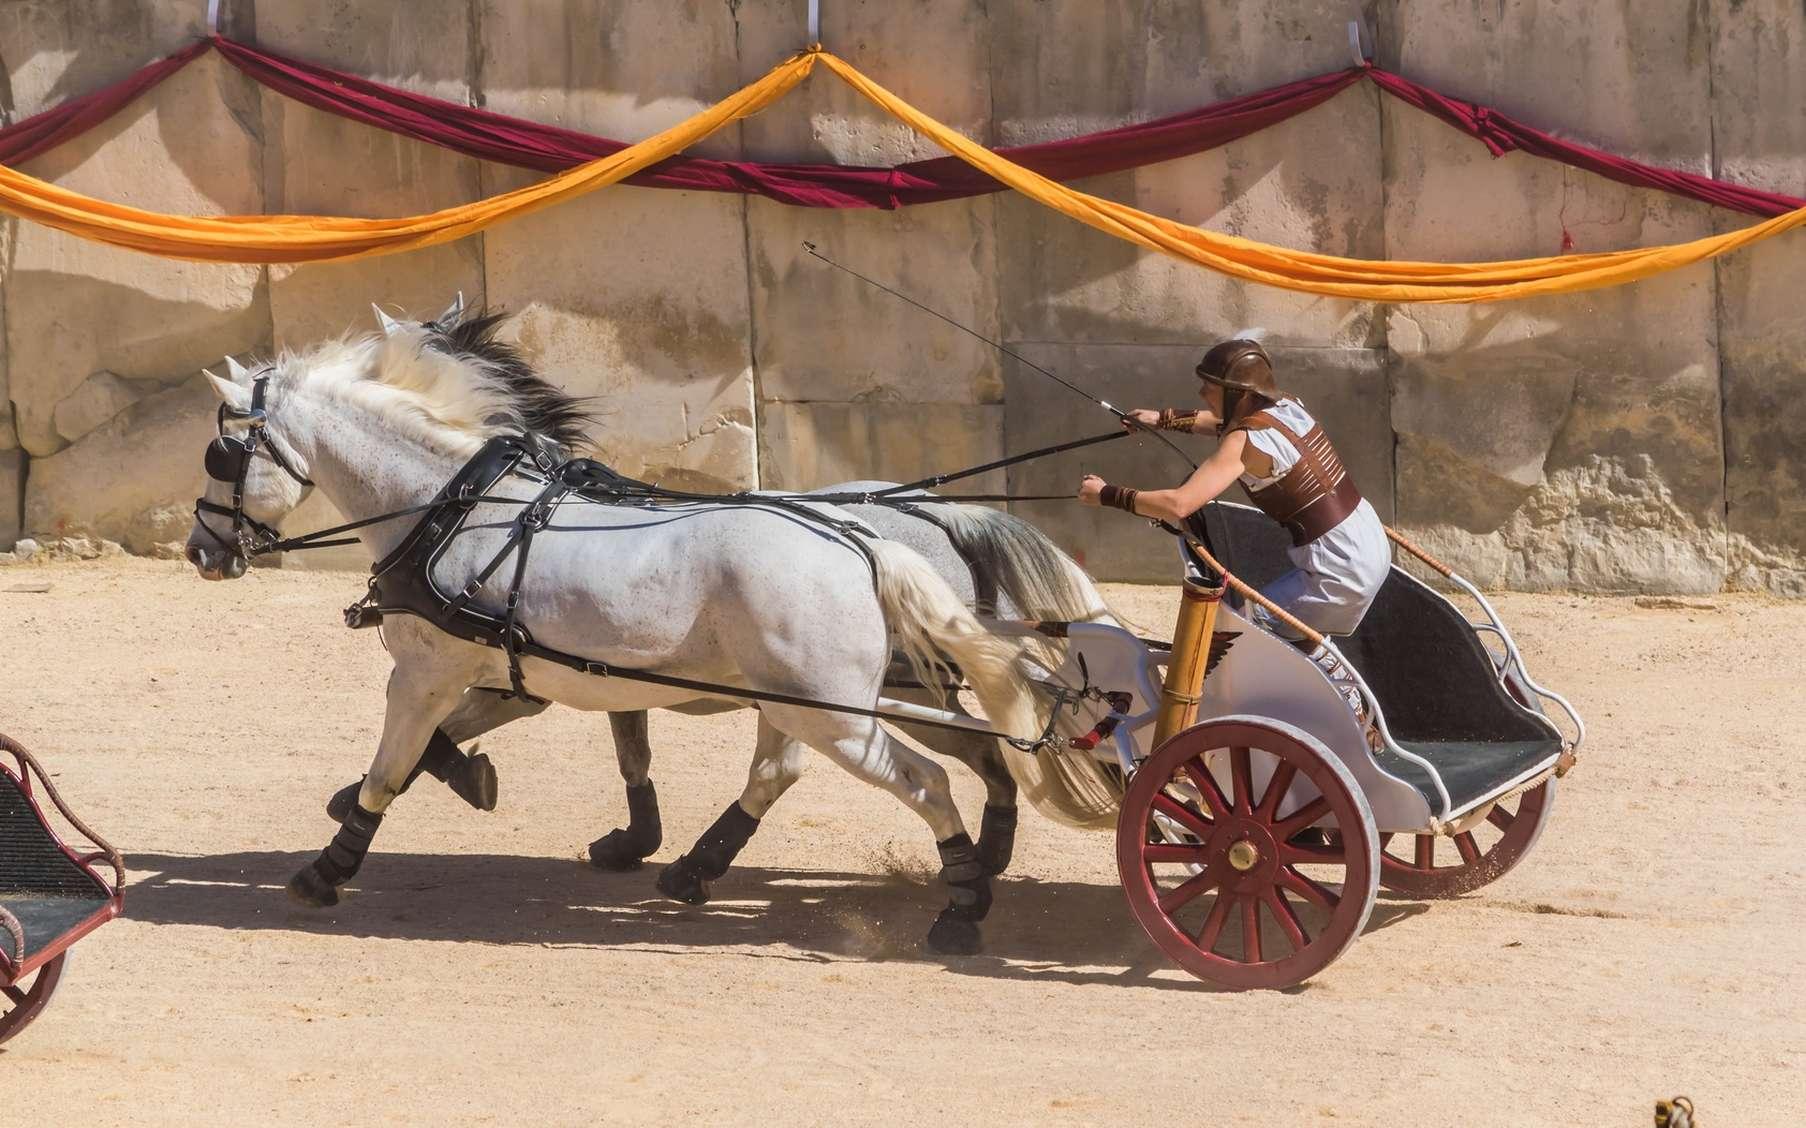 Très en vogue dans l'antiquité, la course de char est une ancienne discipline olympique abandonnée aujourd'hui. © Bernard GIRARDIN, fotolia